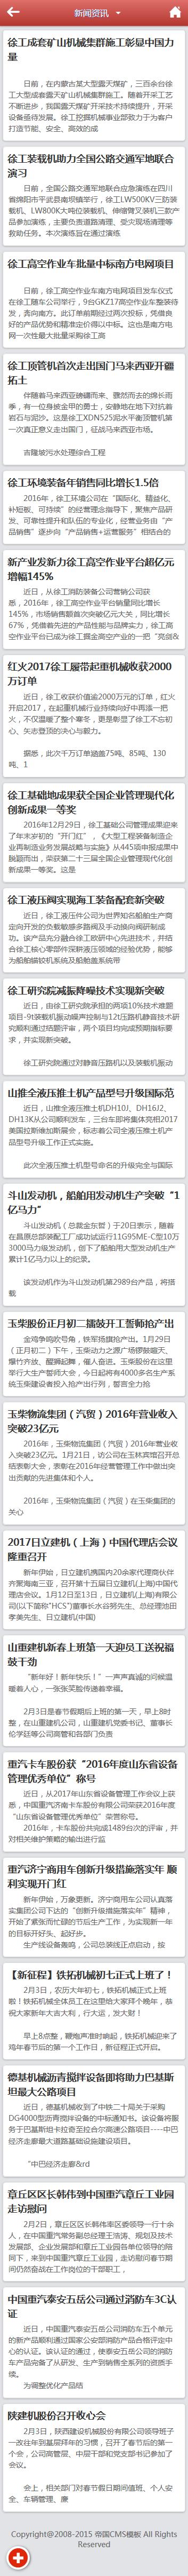 帝国cms红色手机wap企业模板通用型_新闻列表模板